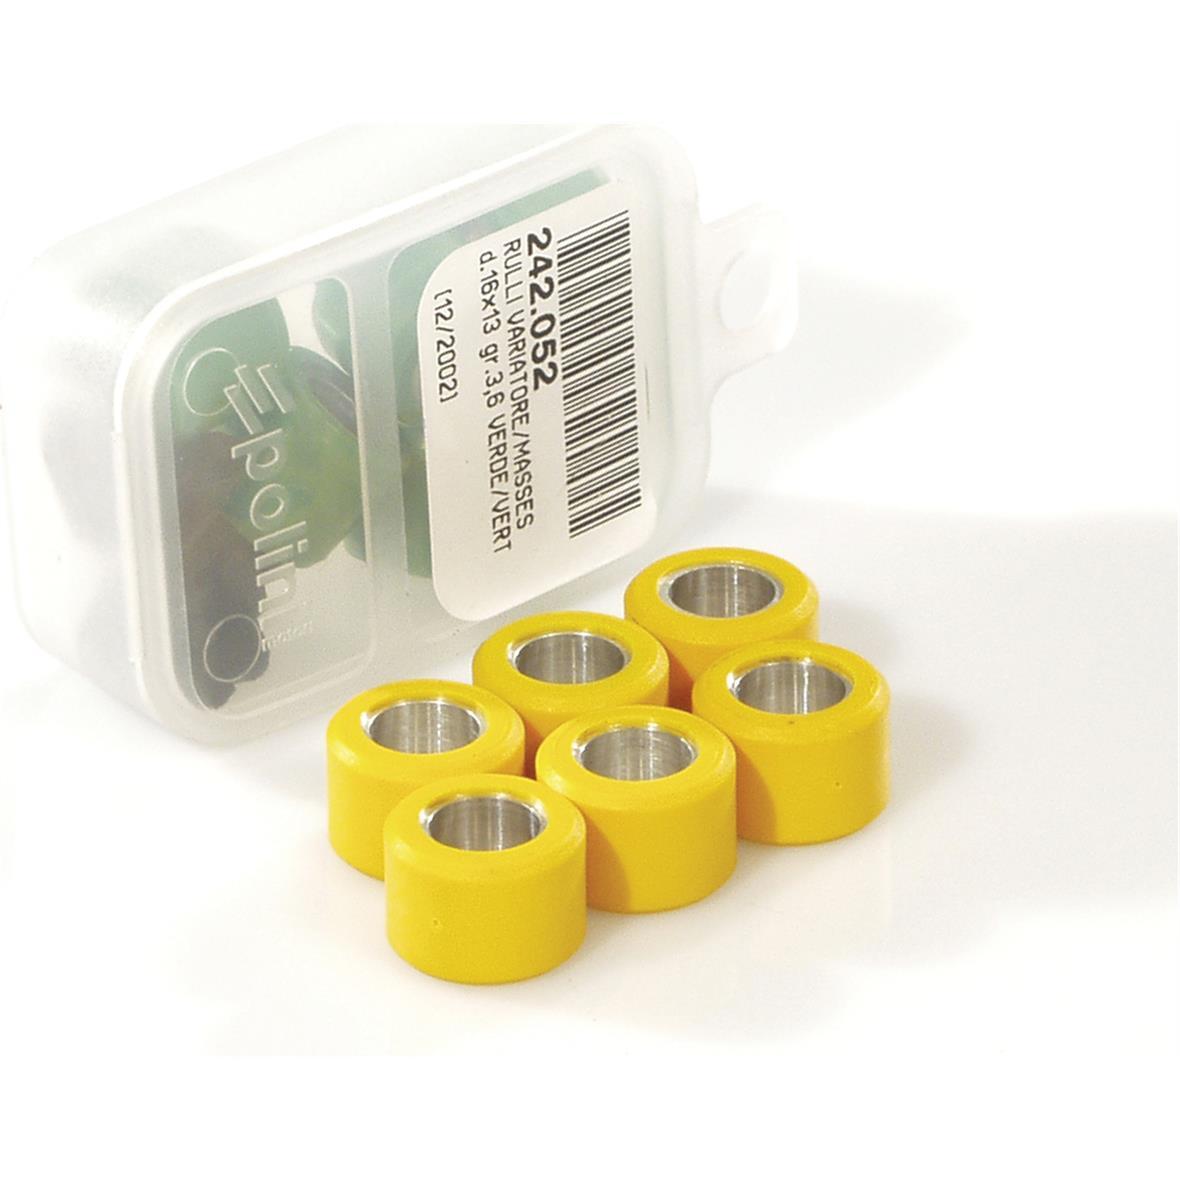 Productafbeelding voor 'Variateur Rollen POLINI 17x12 mm 2,8 gramTitle'